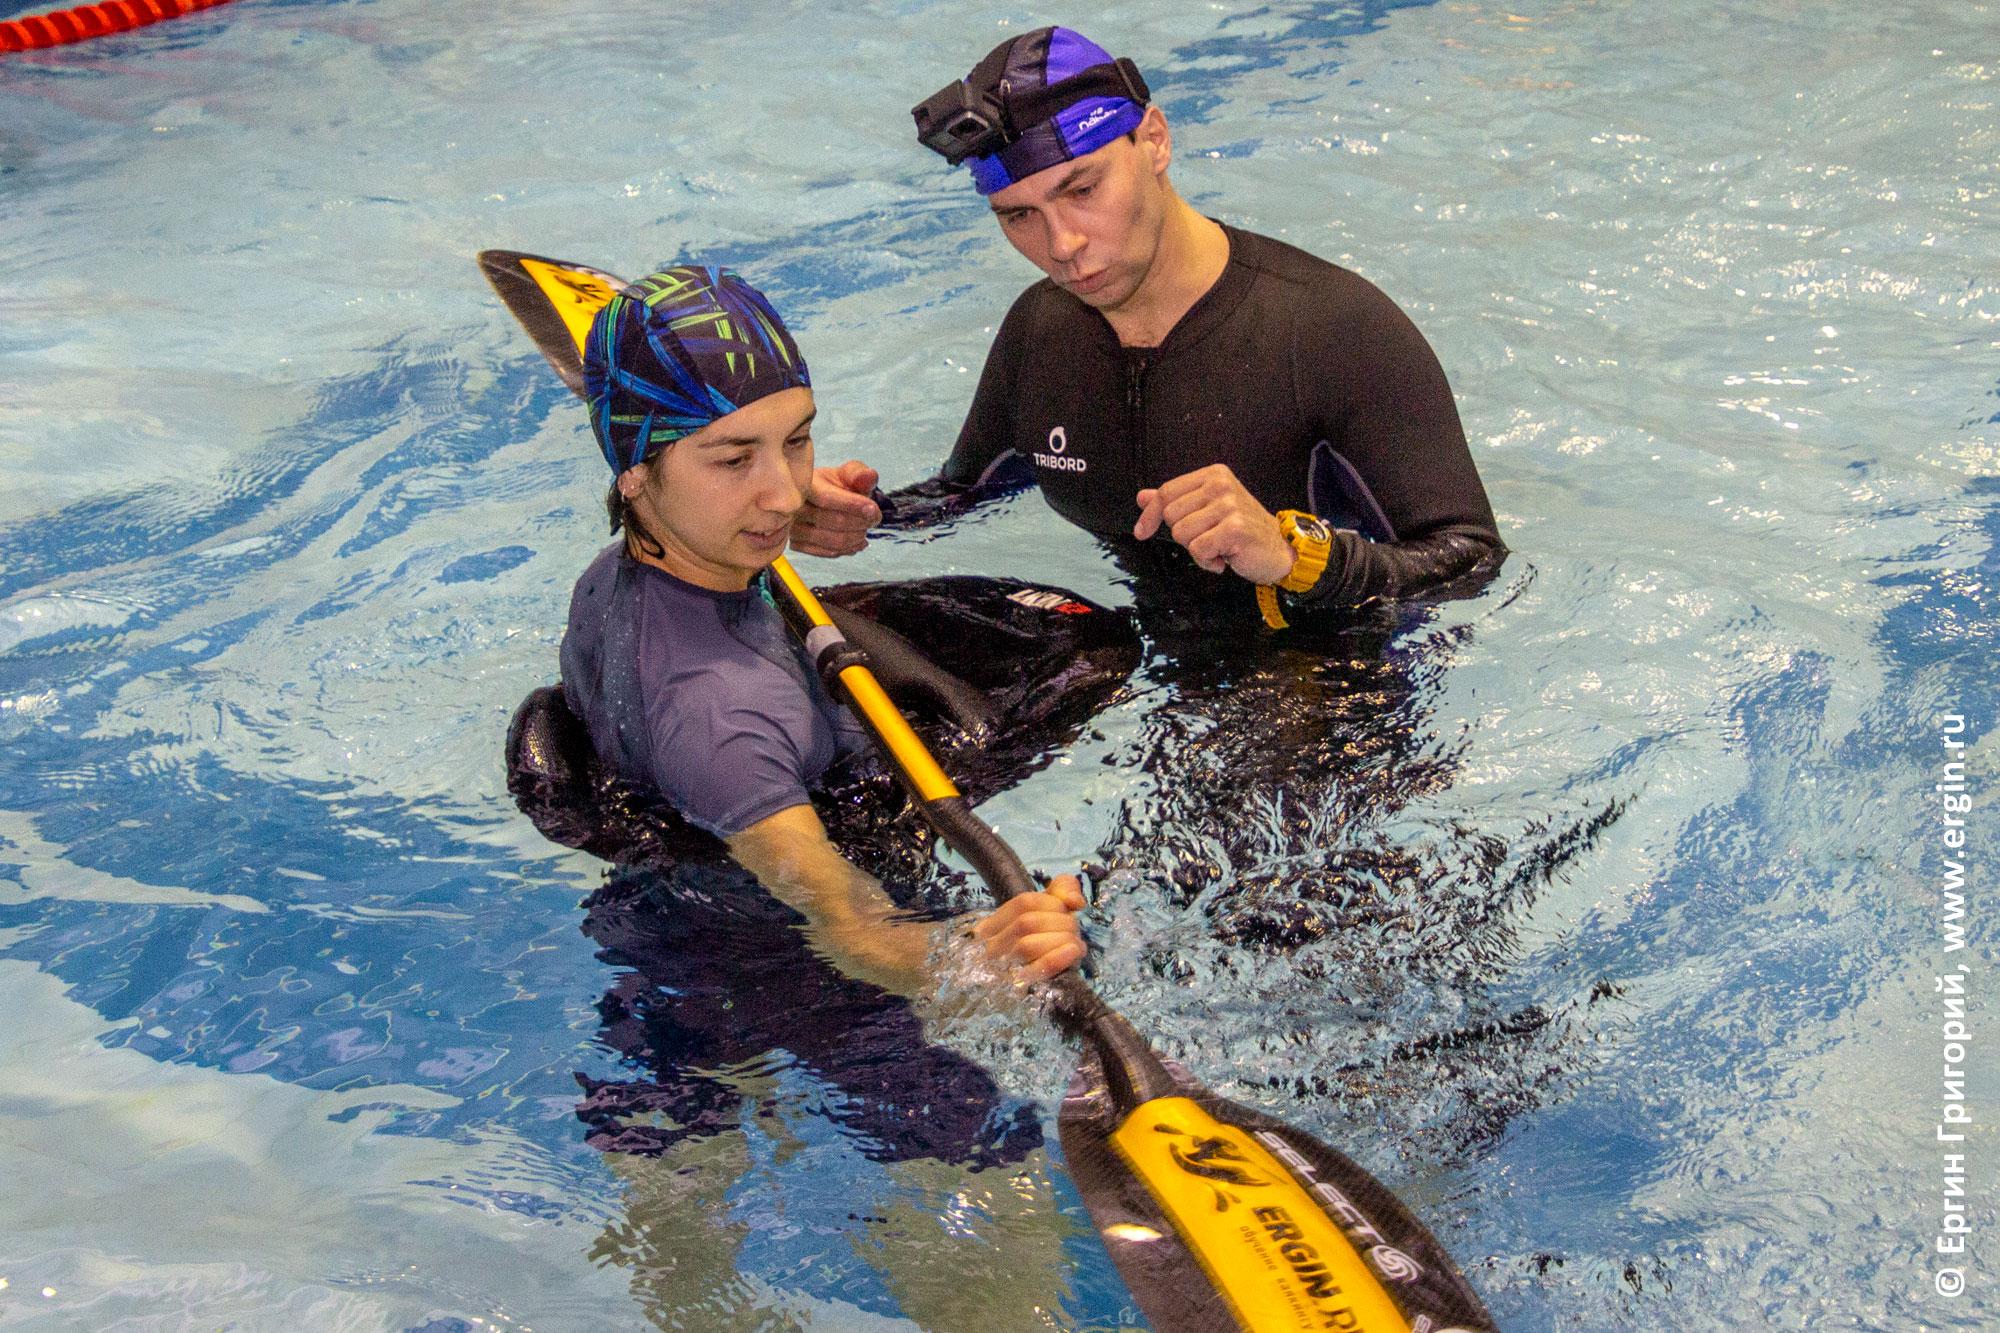 Тренировка дуговой опоры с веслом в бассейне